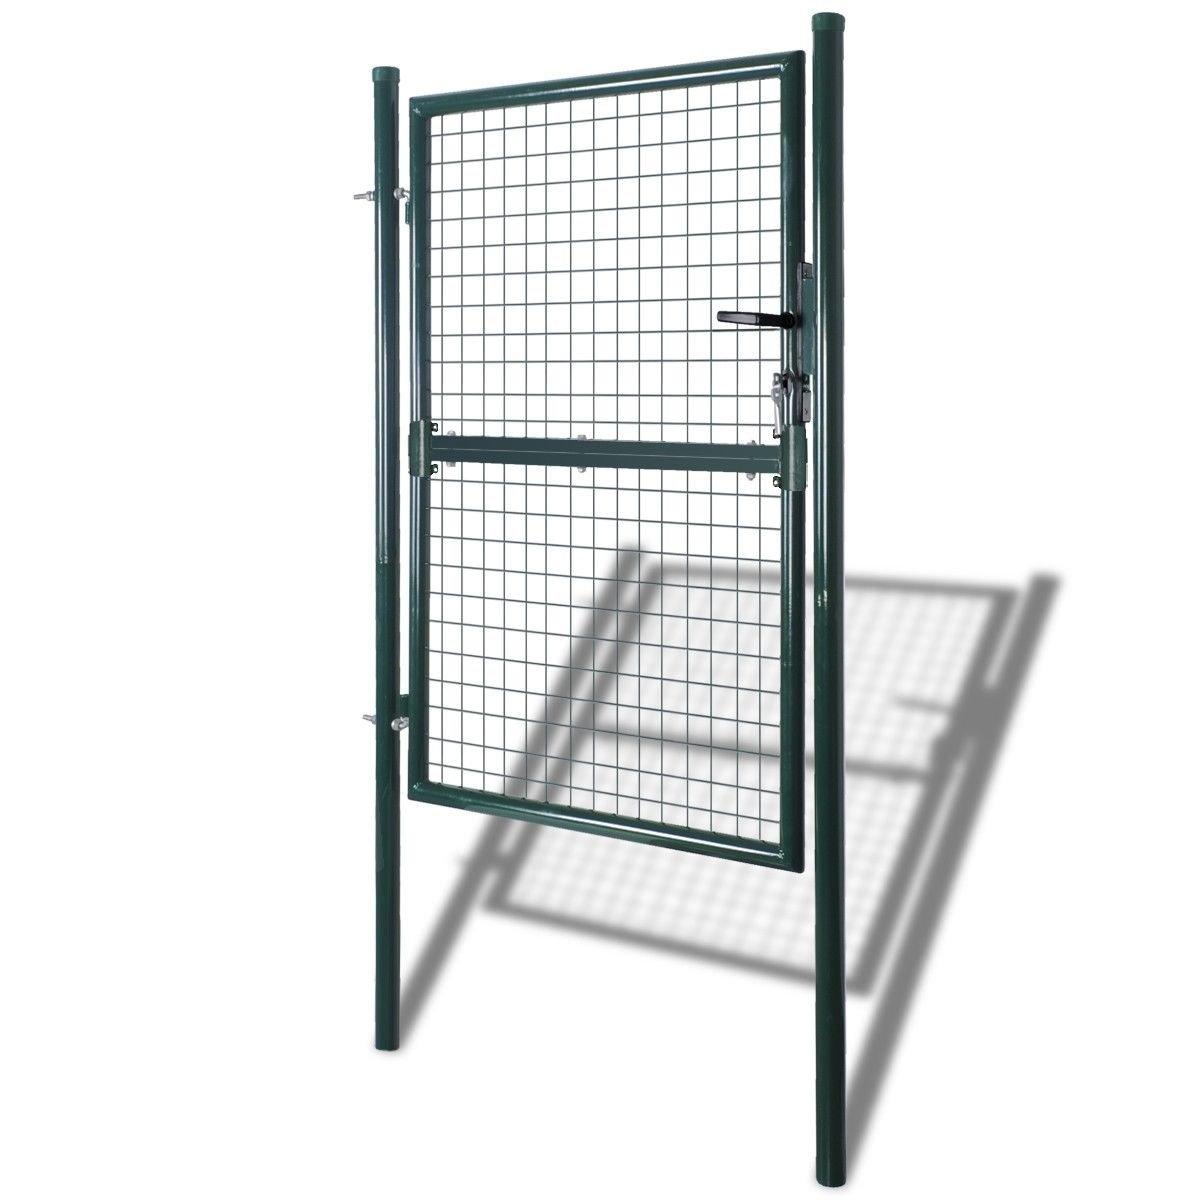 Fencing Walk Thru 39''W x 79''H, Garden Entry Gate Door Fence Galvanized Steel